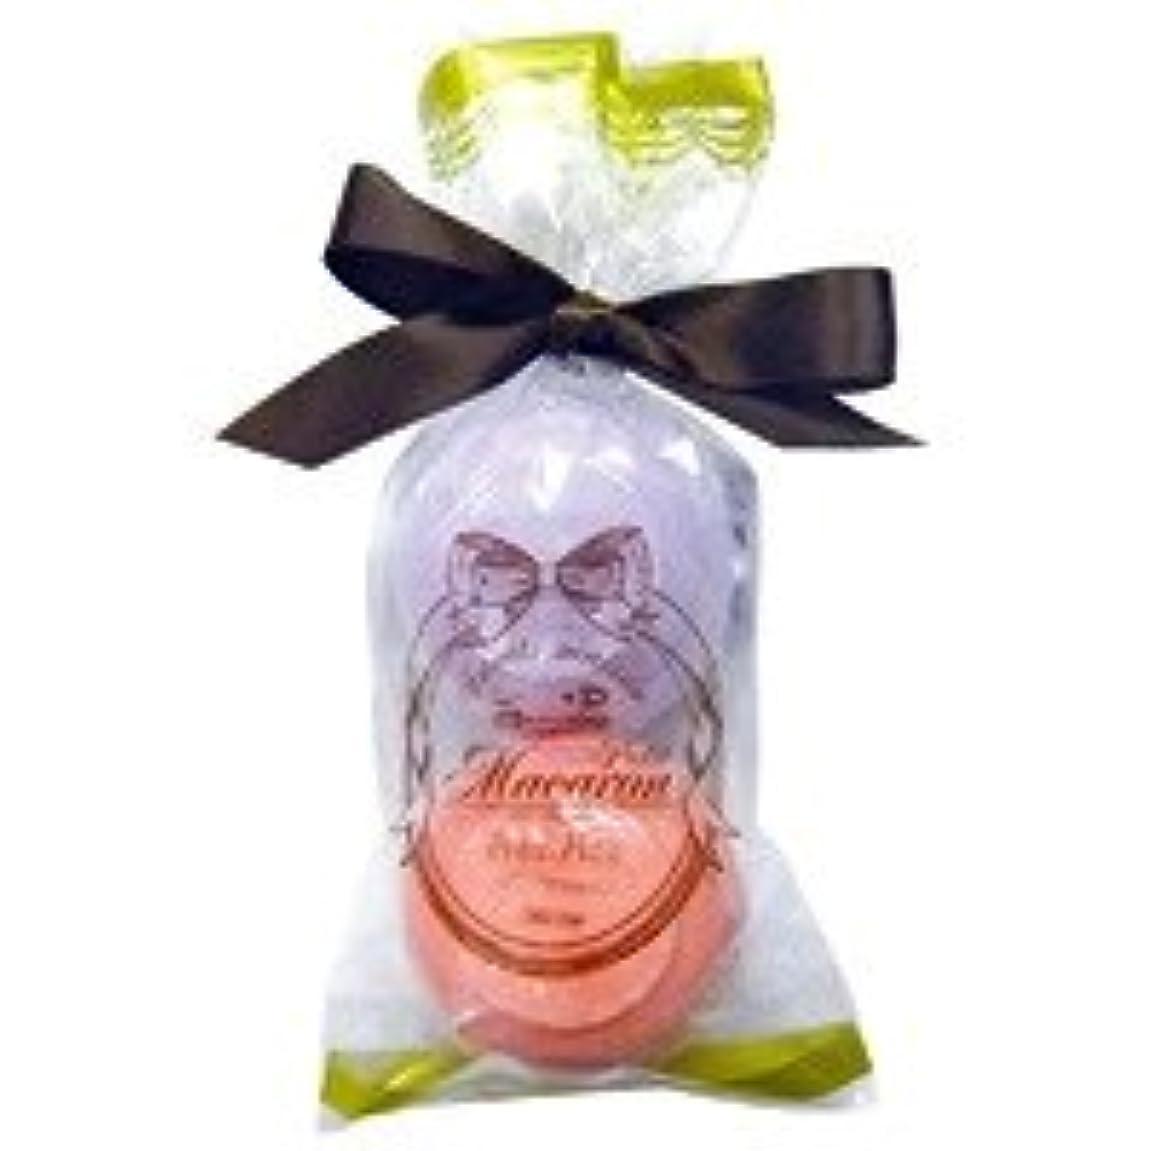 七時半来てラインスウィーツメゾン プチマカロンミニセット「パープル&ダークピンク」6個セット フルーティーなザクロの香り&華やかなローズの香り